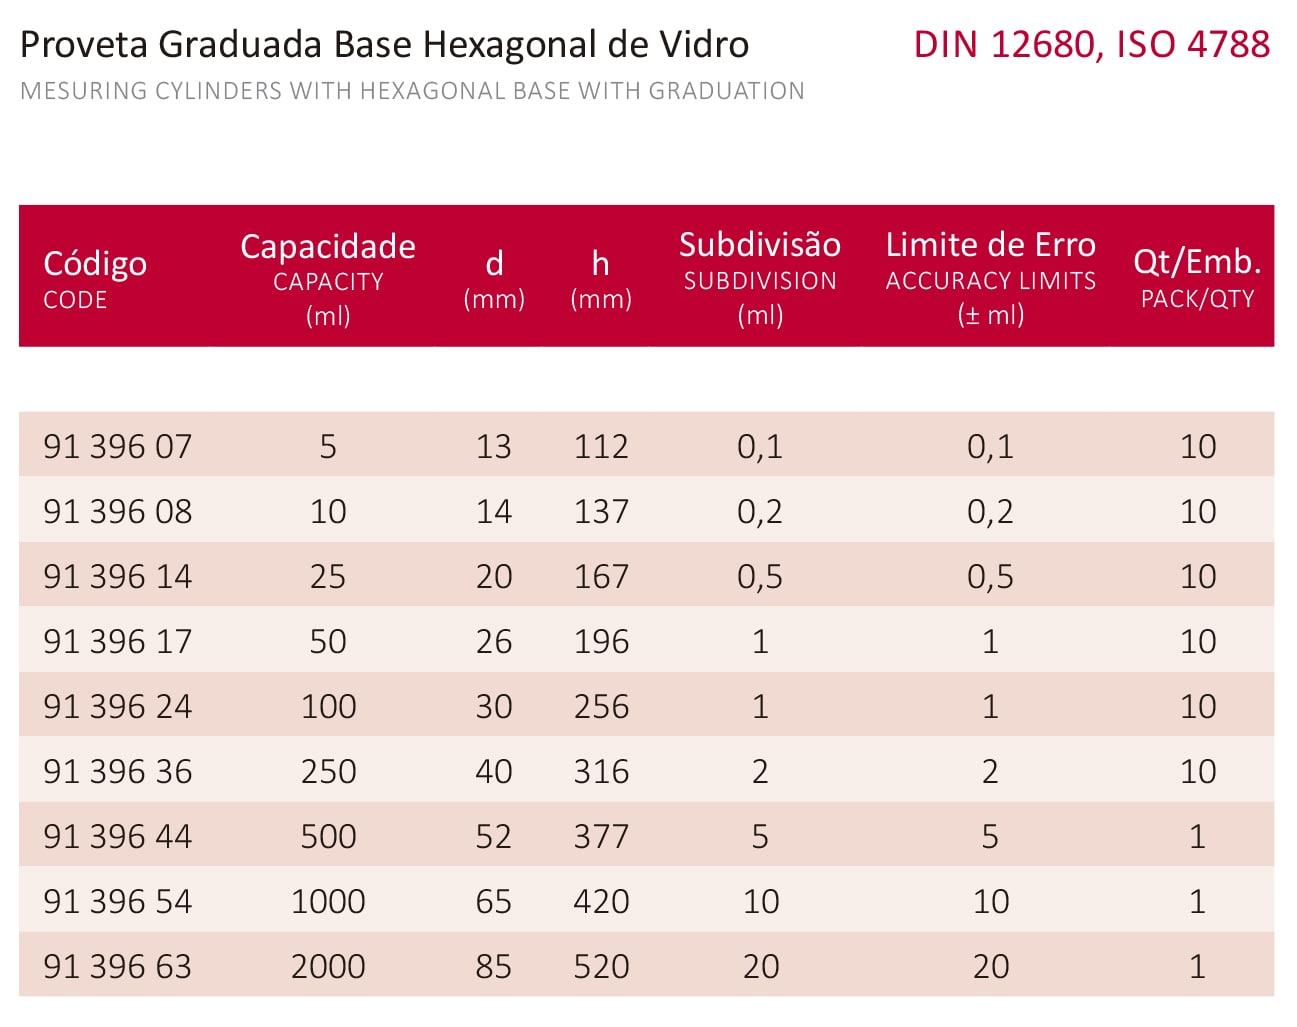 PROVETA GRADUADA BASE HEXAGONAL DE VIDRO 25 ML CERTIFICADO RBC - Laborglas - Cód. 9139614-R